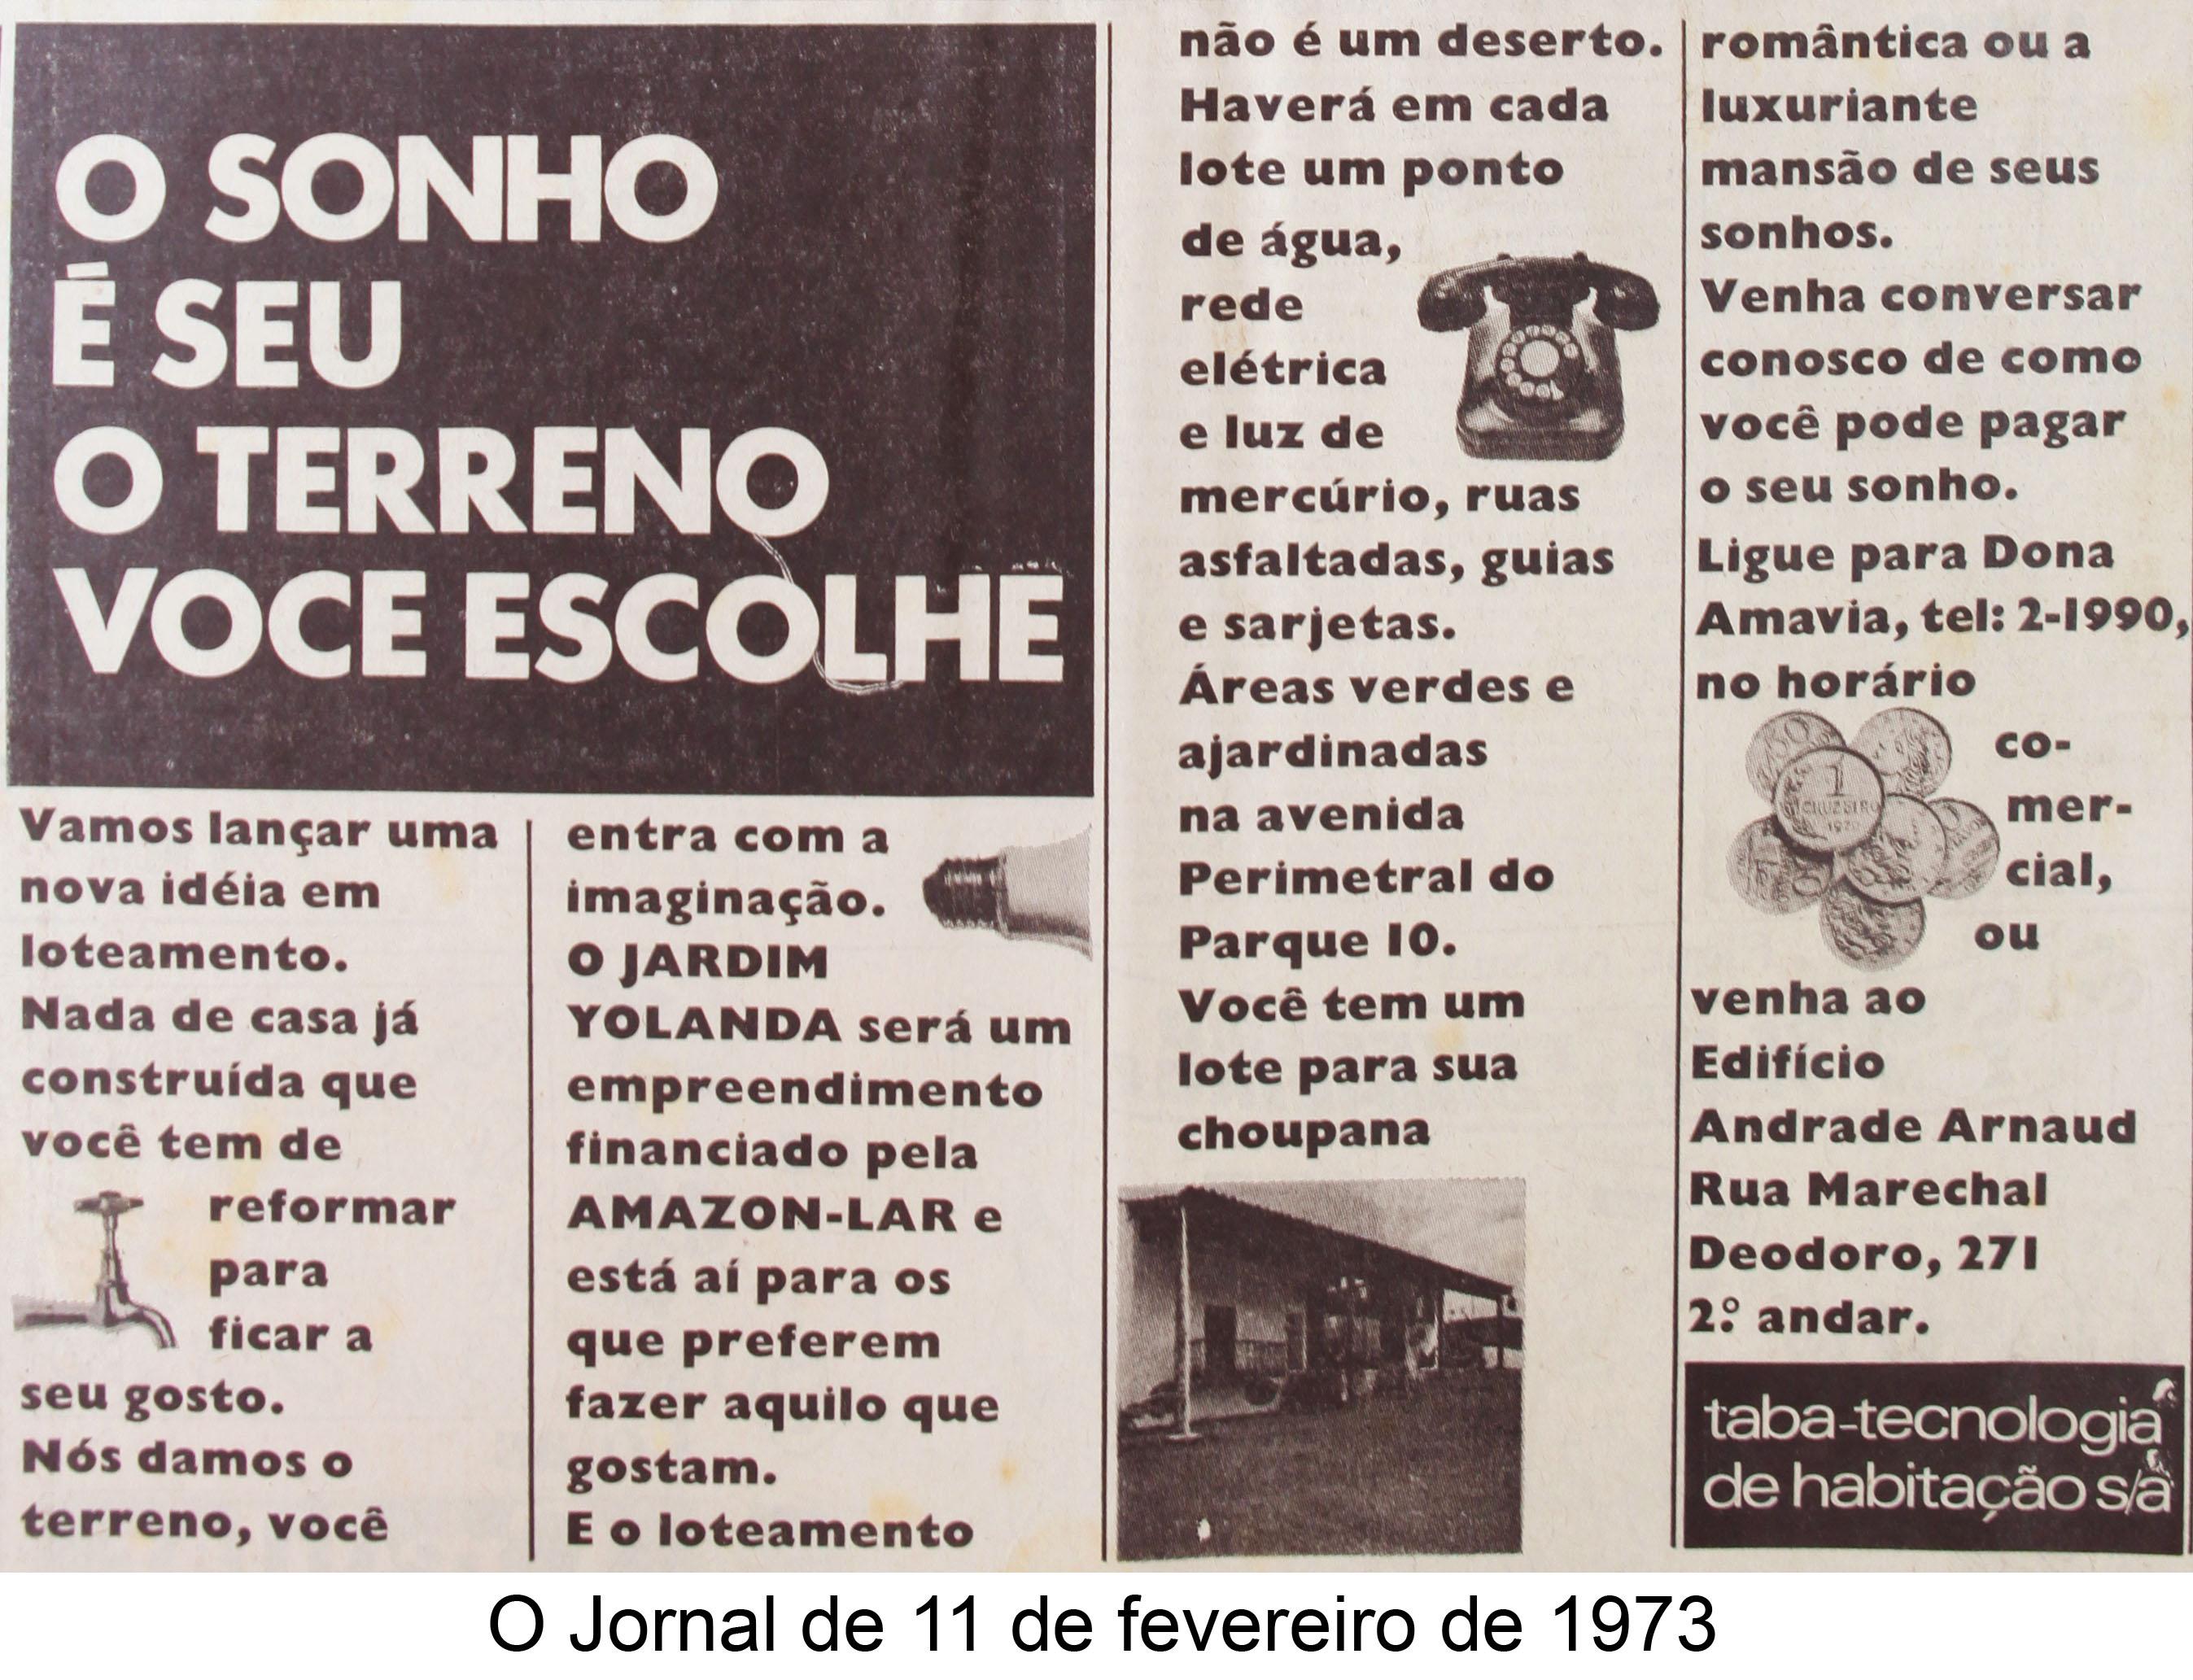 O Jornal de 11 de fevereiro de 1973